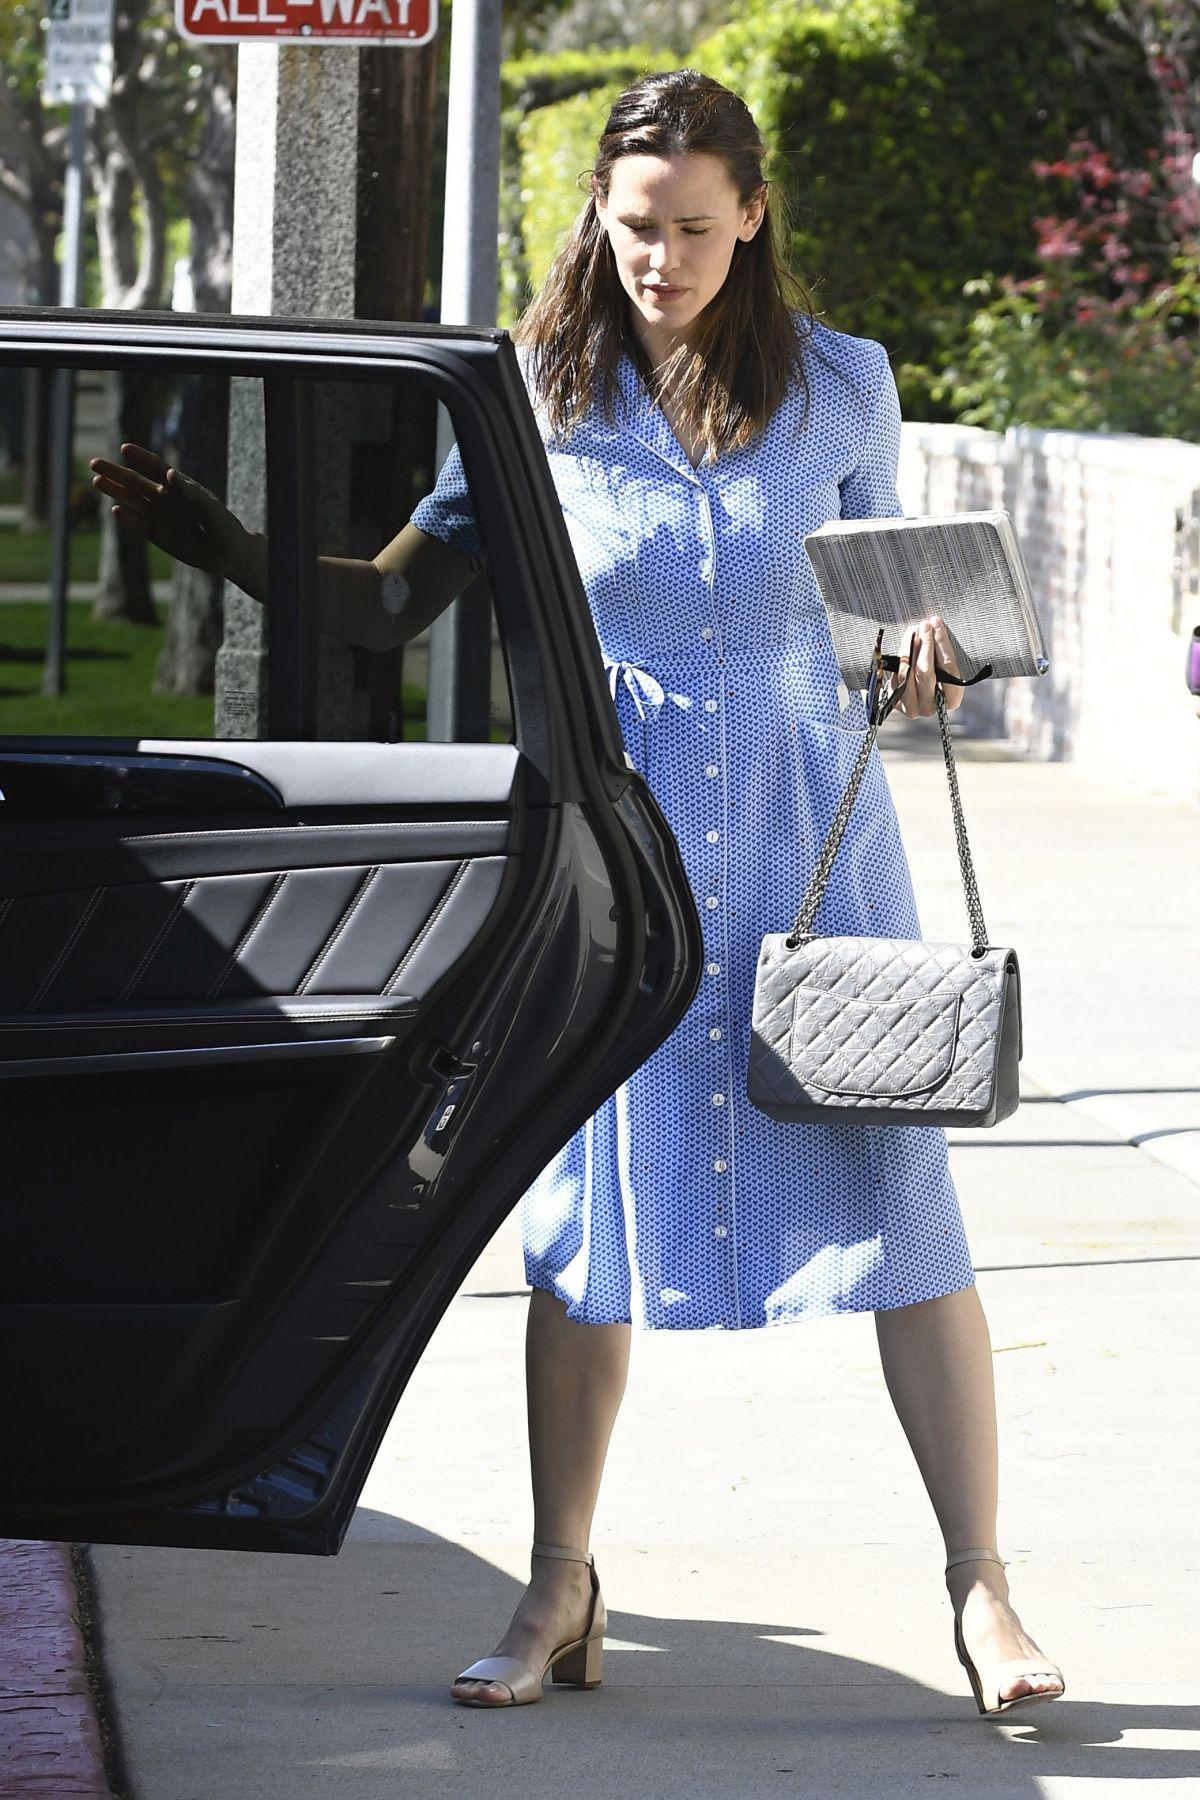 JENNIFER GARNER Arrives at Church in Brentwood 04/16/2017